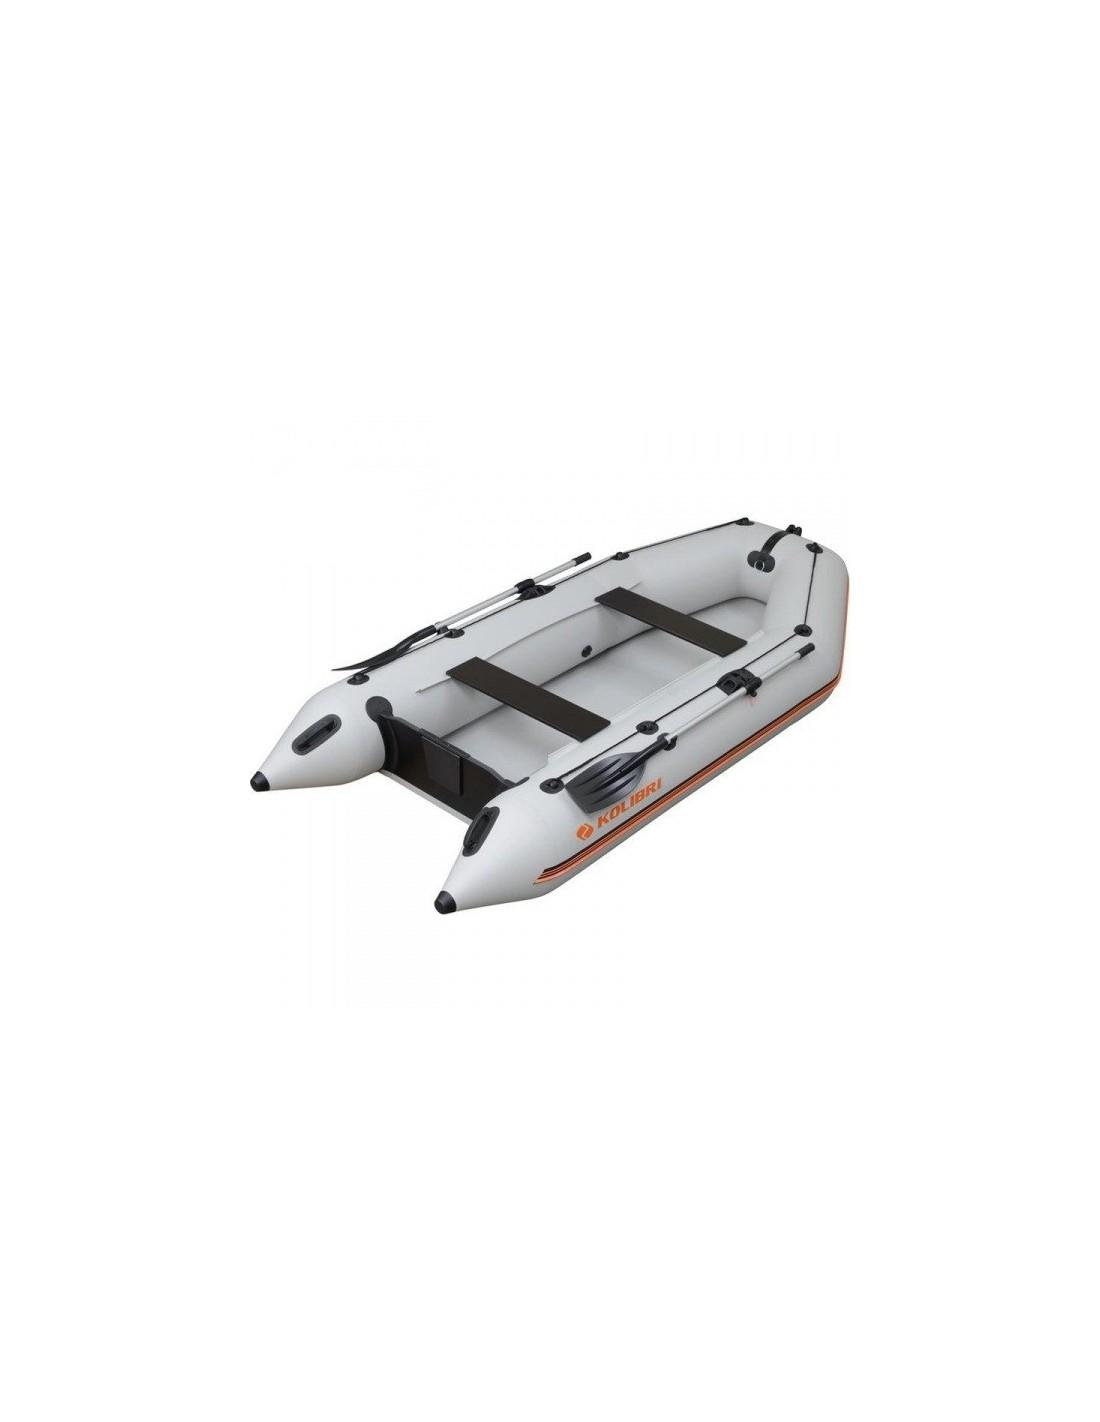 лодка пвх колибри км-330 украина